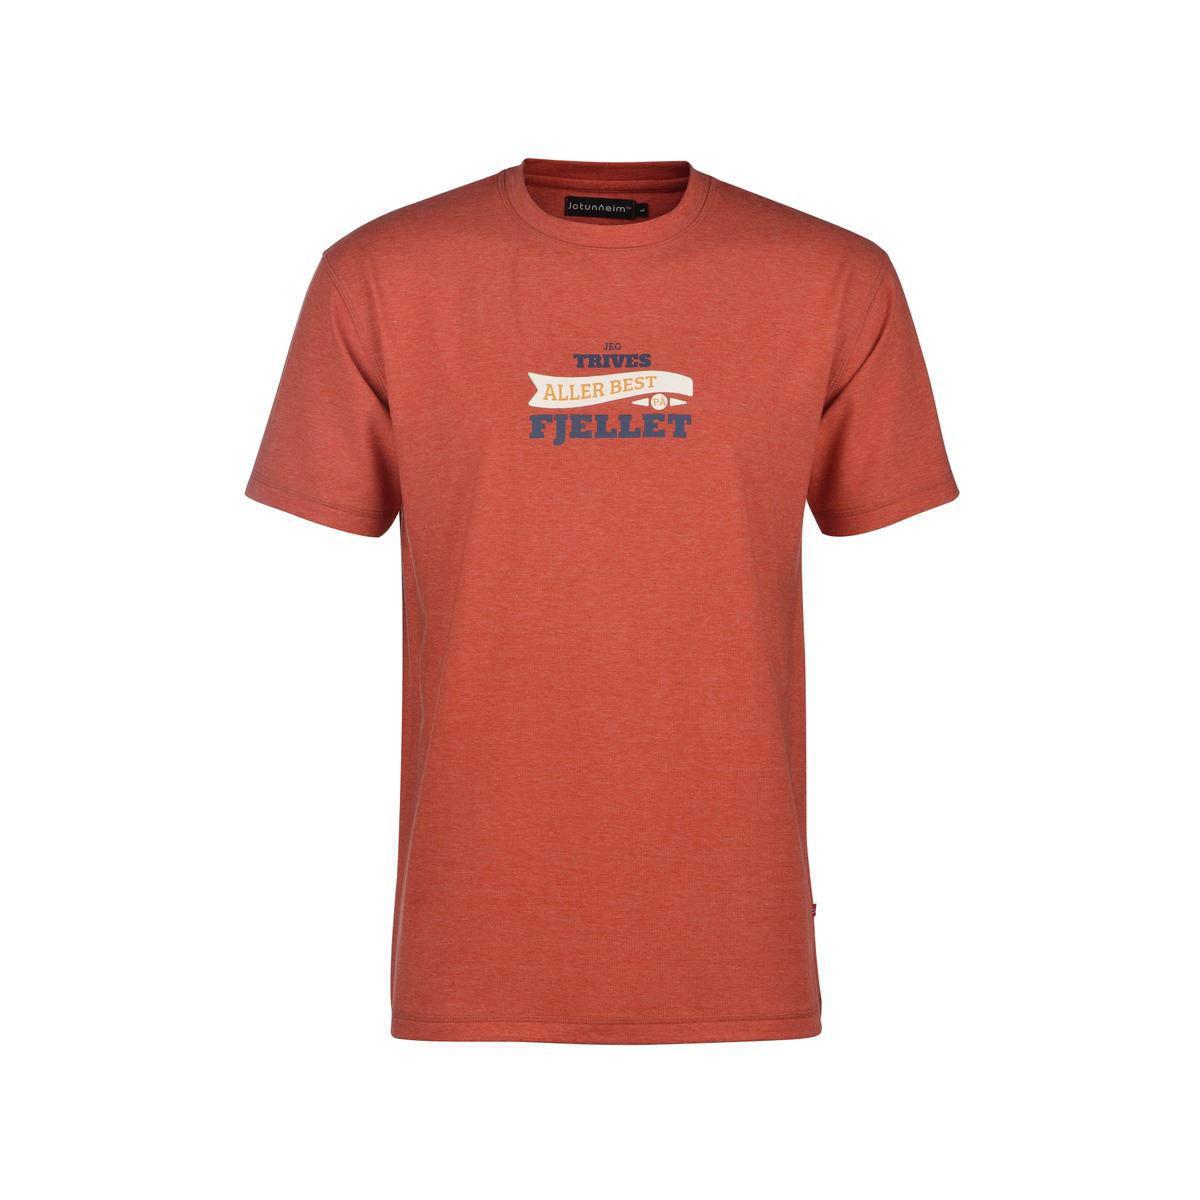 Bilde av Varde T-shirt m print